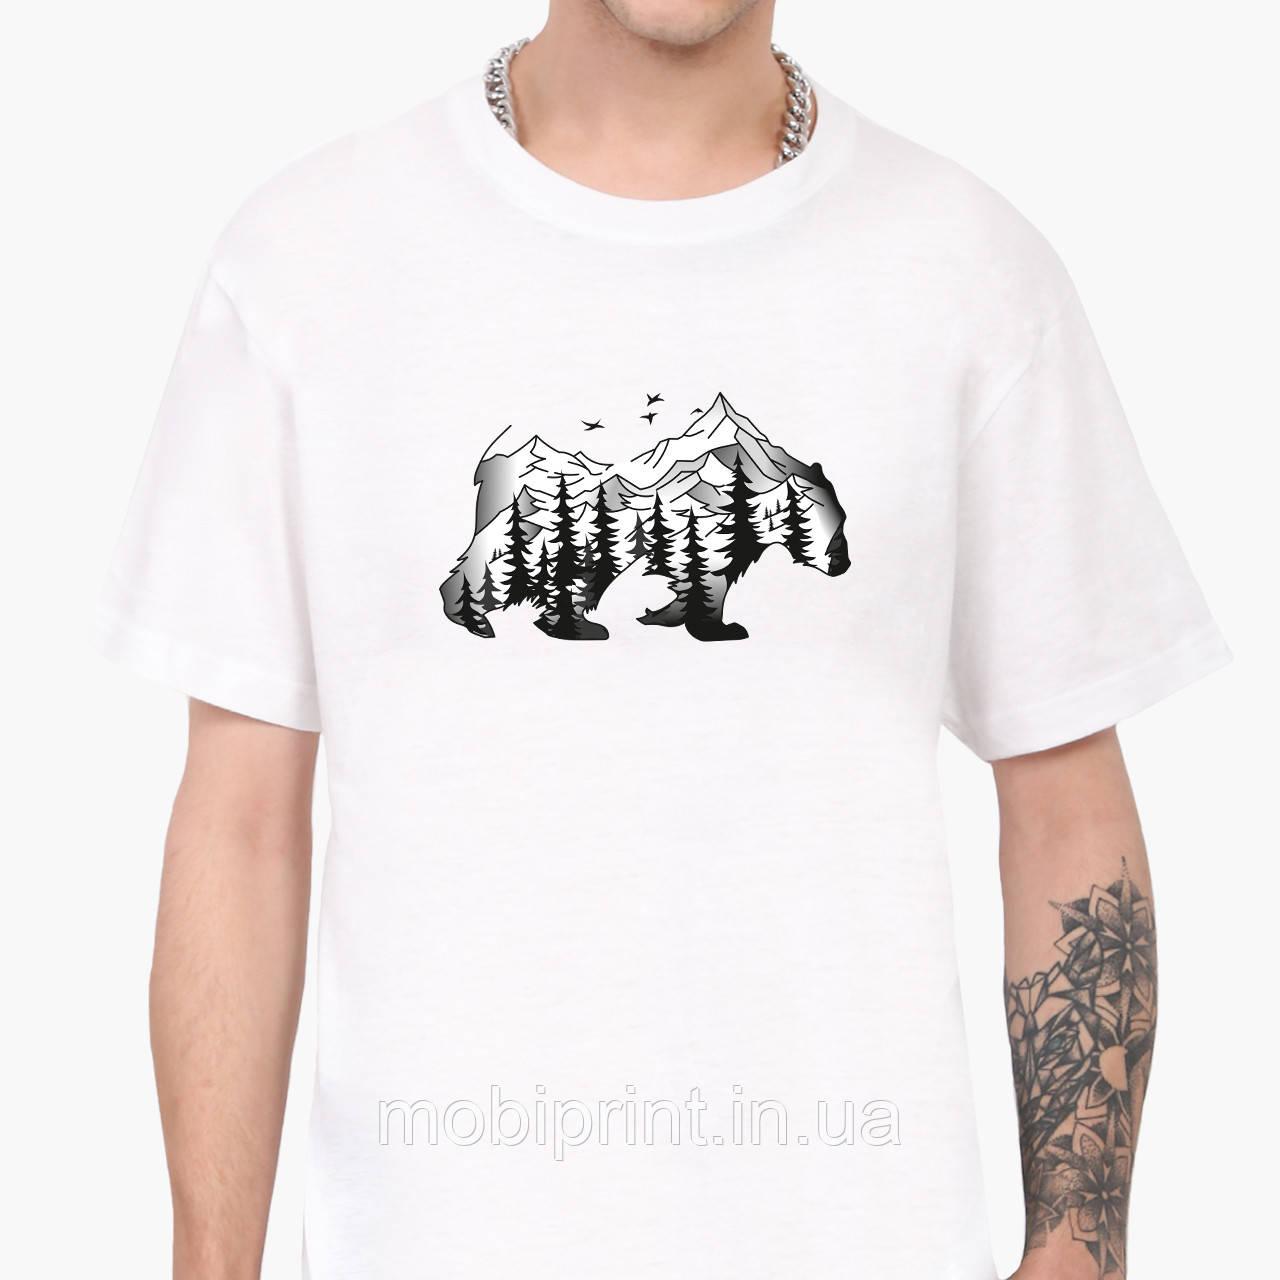 Футболка чоловіча Ведмідь (Bear) Білий (9223-1988)